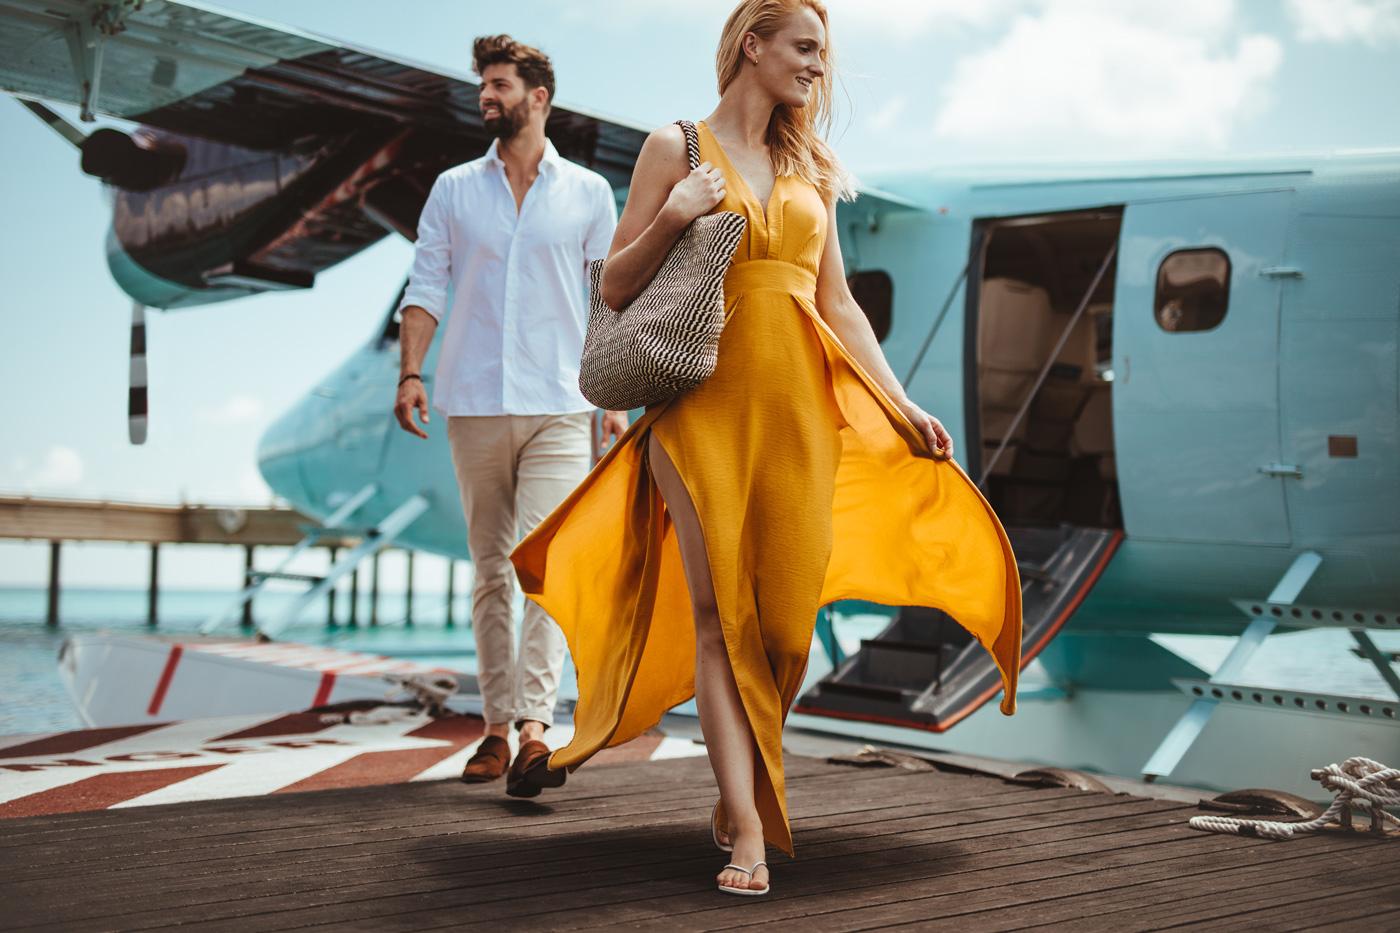 Mann und Frau steigen aus Wasserflugzeug im Joali aus